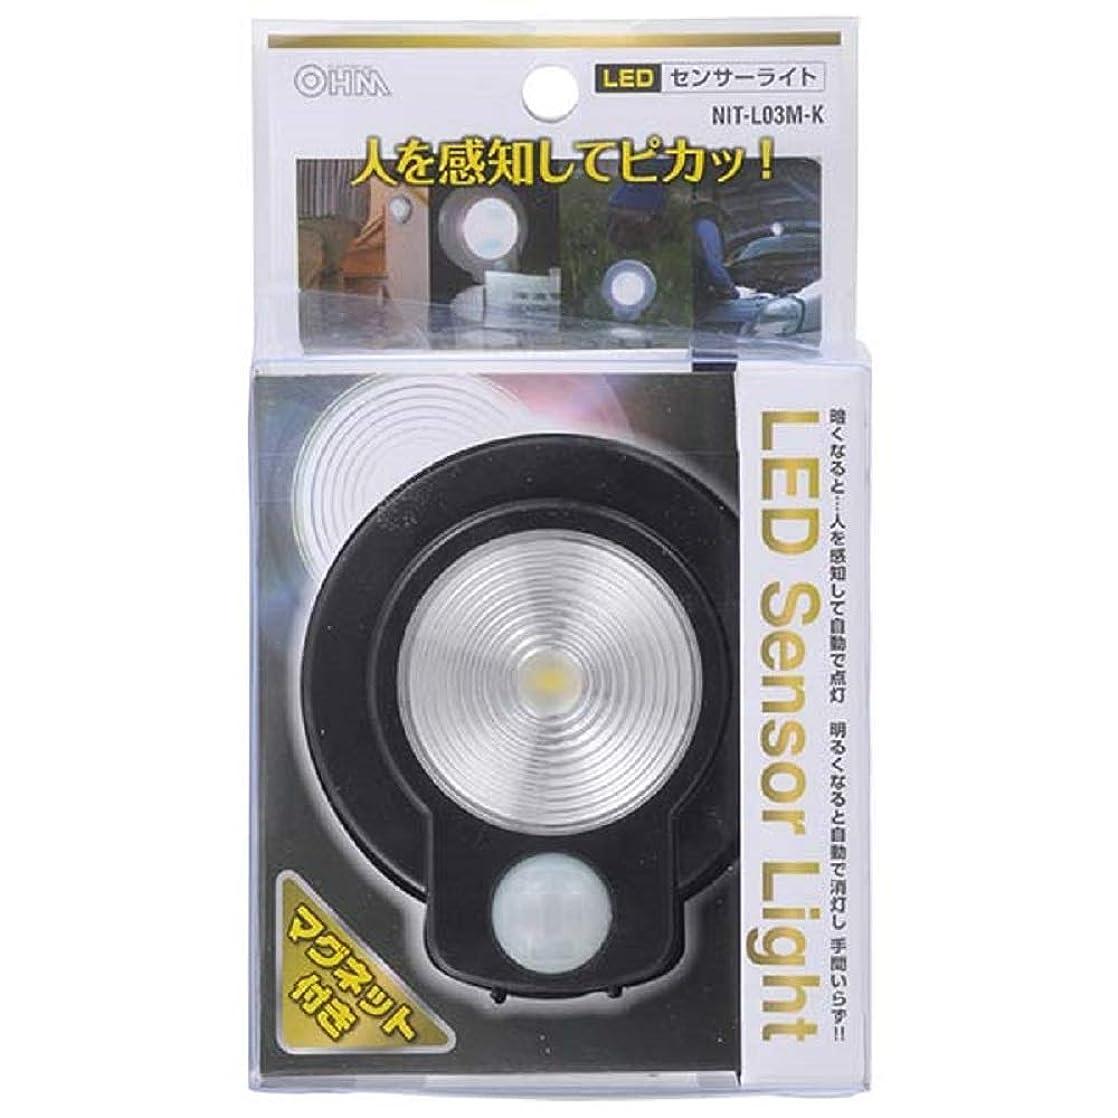 ライム山岳所持OHM LEDセンサーライト L03M ブラック?NIT-L03M-K